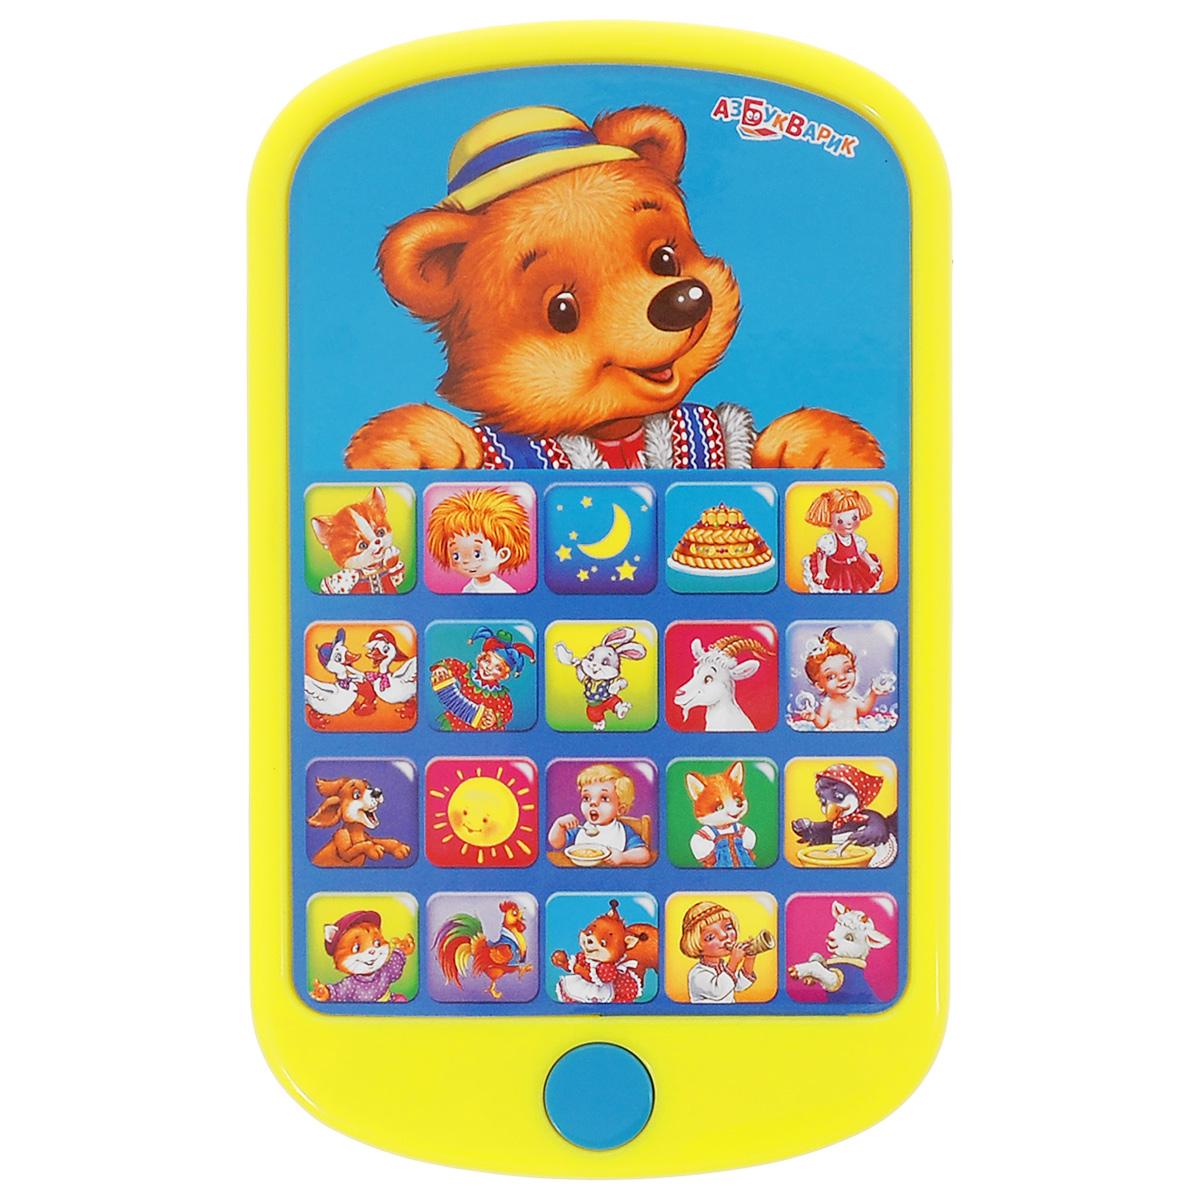 Музыкальная игрушка Азбукварик Мульти плеер Ладушки, цвет: желтый, голубойPlay 2196